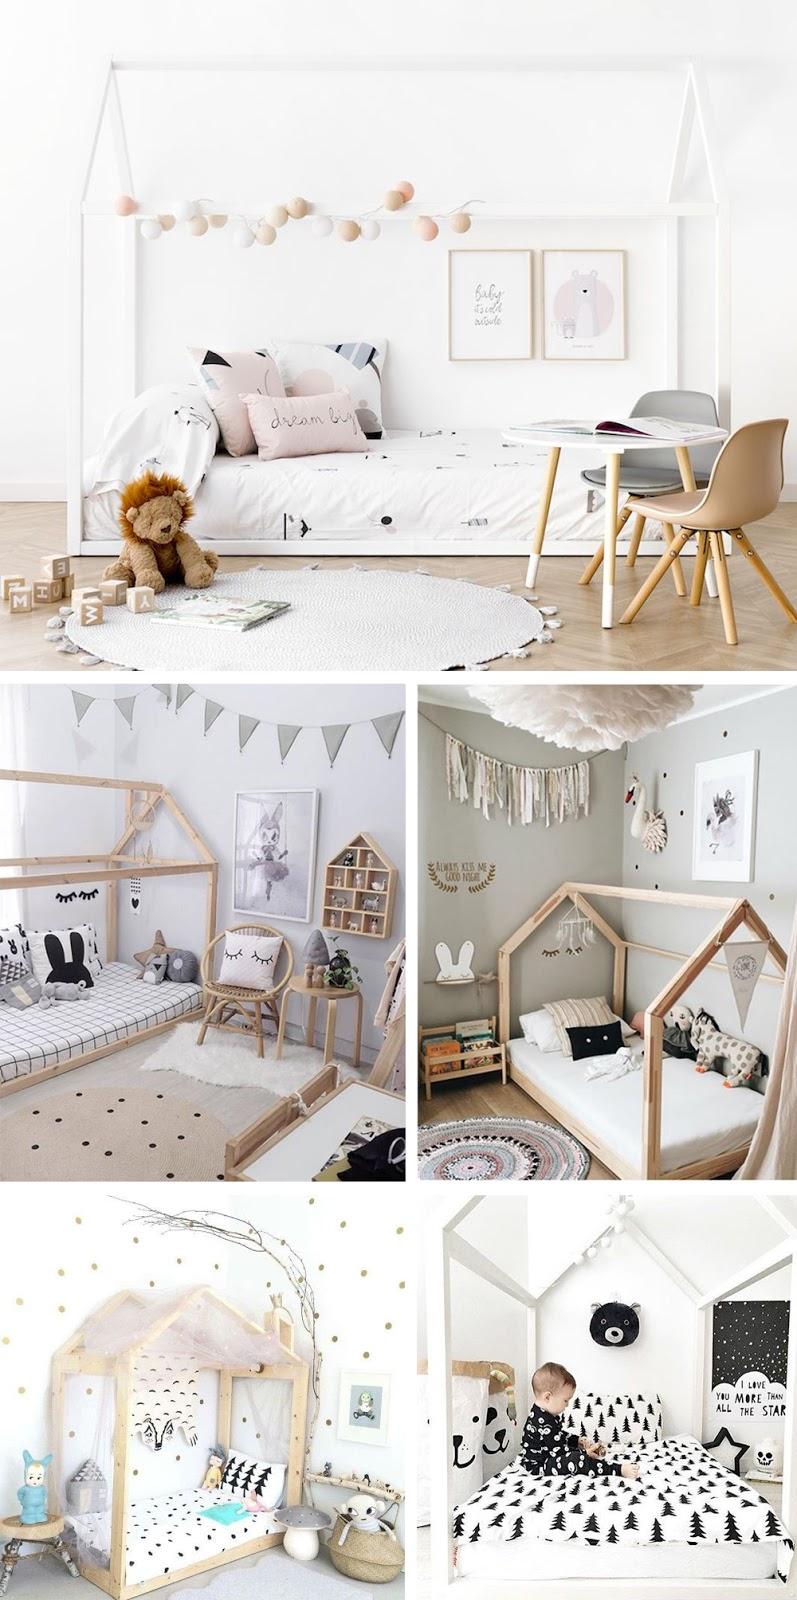 cama casa a ras del suelo para decorar habitacion infantil Montessori bonita